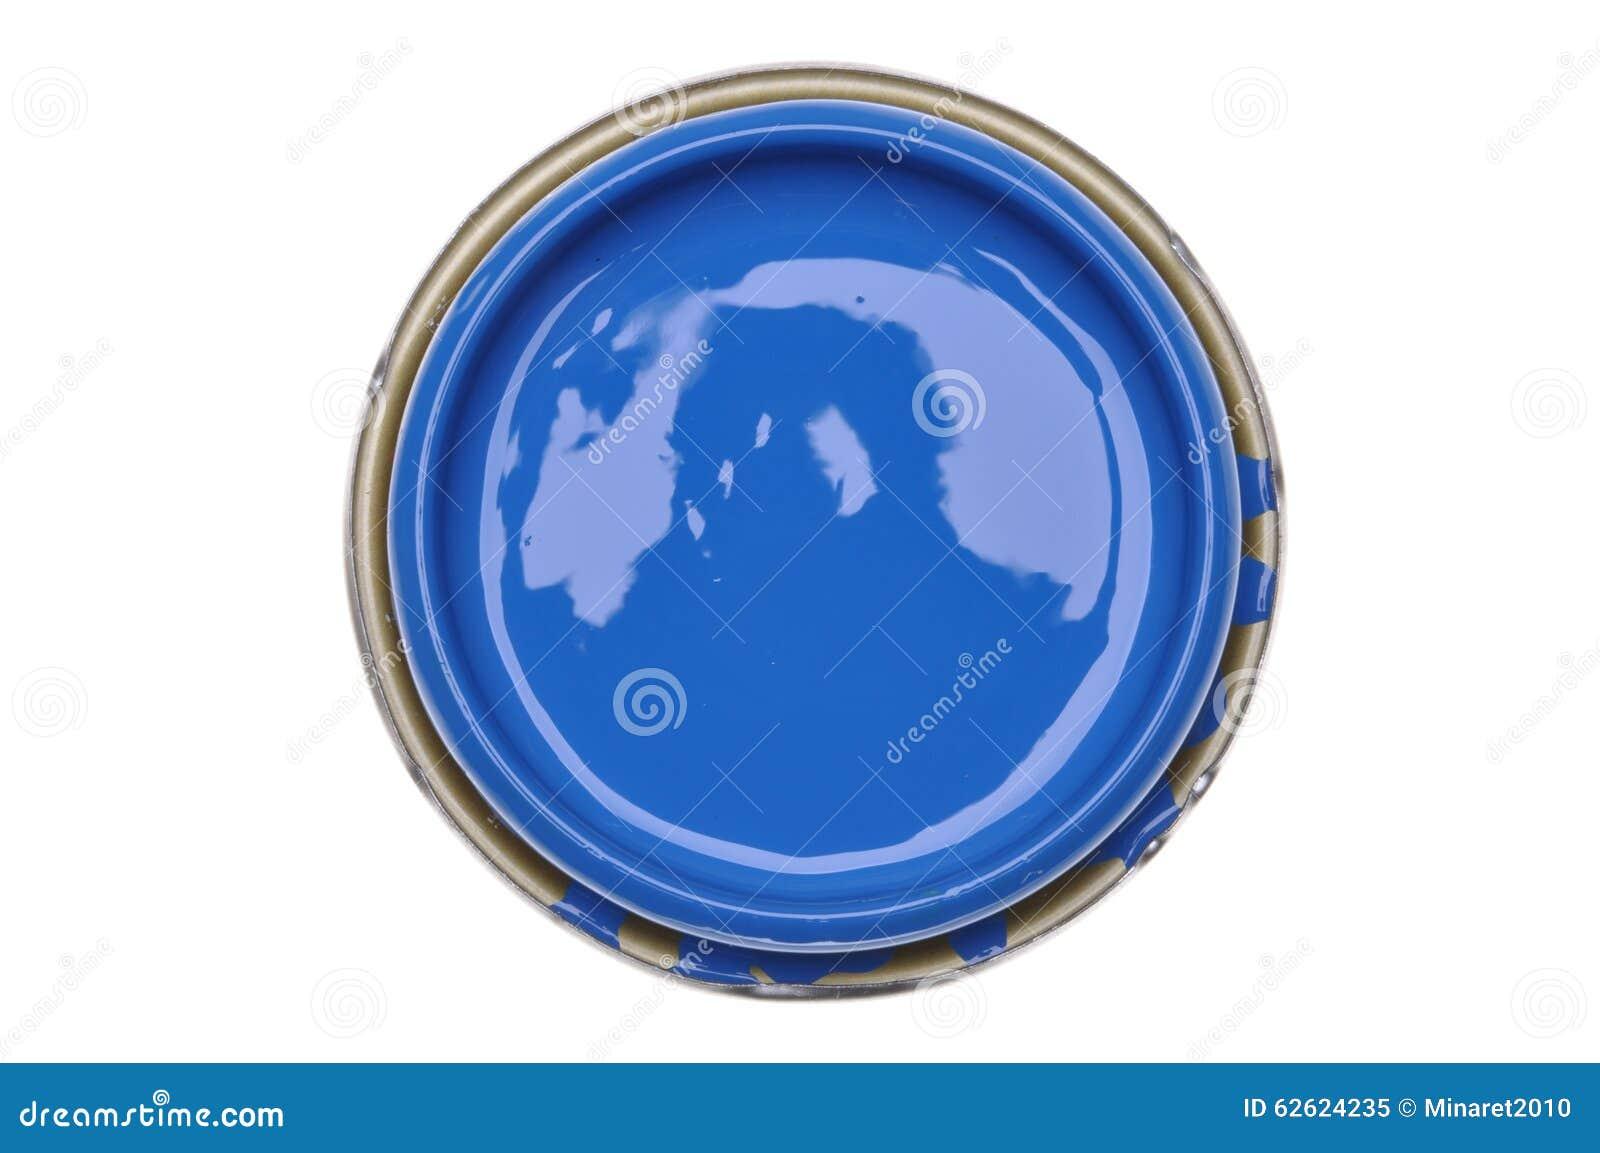 Kan deksel met blauwe die verf op witte achtergrond wordt geïsoleerd